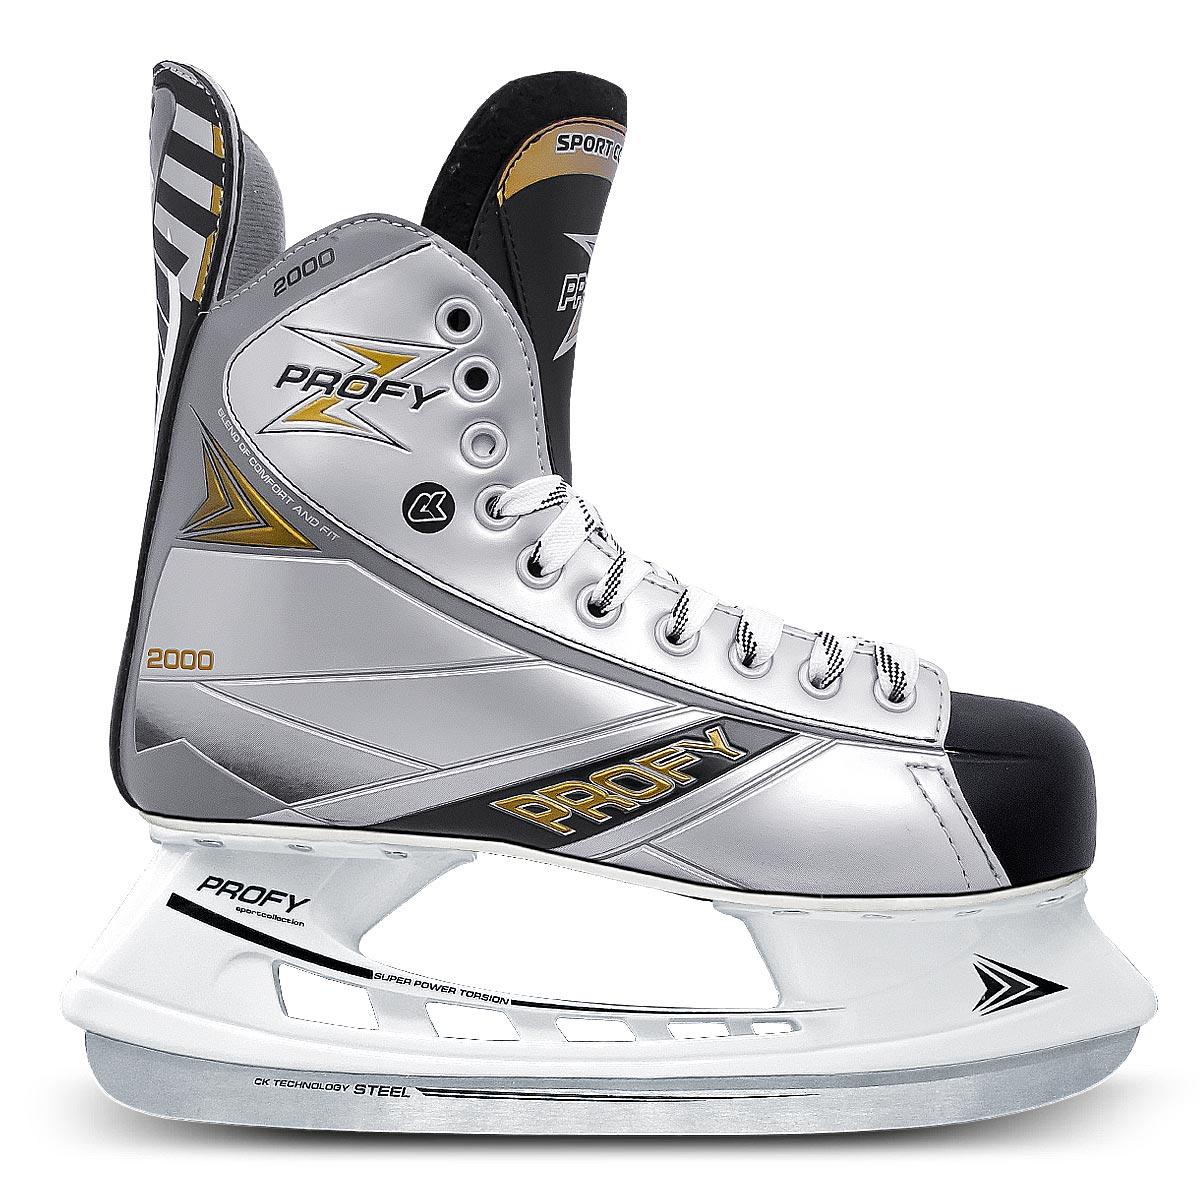 Коньки хоккейные мужские СК Profy Z 2000, цвет: черный, серый. Размер 43PROFY Z 2000_черный, серый_43Стильные мужские коньки от CK Profy Z 2000 прекрасно подойдут для начинающих игроков в хоккей. Ботинок выполнен из морозоустойчивой искусственной кожи и ПВХ. Мыс дополнен вставкой, которая защитит ноги от ударов. Внутренний слой и стелька изготовлены из мягкого текстиля, который обеспечит тепло и комфорт во время катания, язычок - из войлока. Плотная шнуровка надежно фиксирует модель на ноге. Голеностоп имеет удобный суппорт. По верху коньки декорированы тиснением в виде логотипа бренда. Подошва - из твердого пластика. Стойка выполнена из ударопрочного поливинилхлорида. Лезвие из углеродистой нержавеющей стали обеспечит превосходное скольжение. Оригинальные коньки придутся вам по душе.